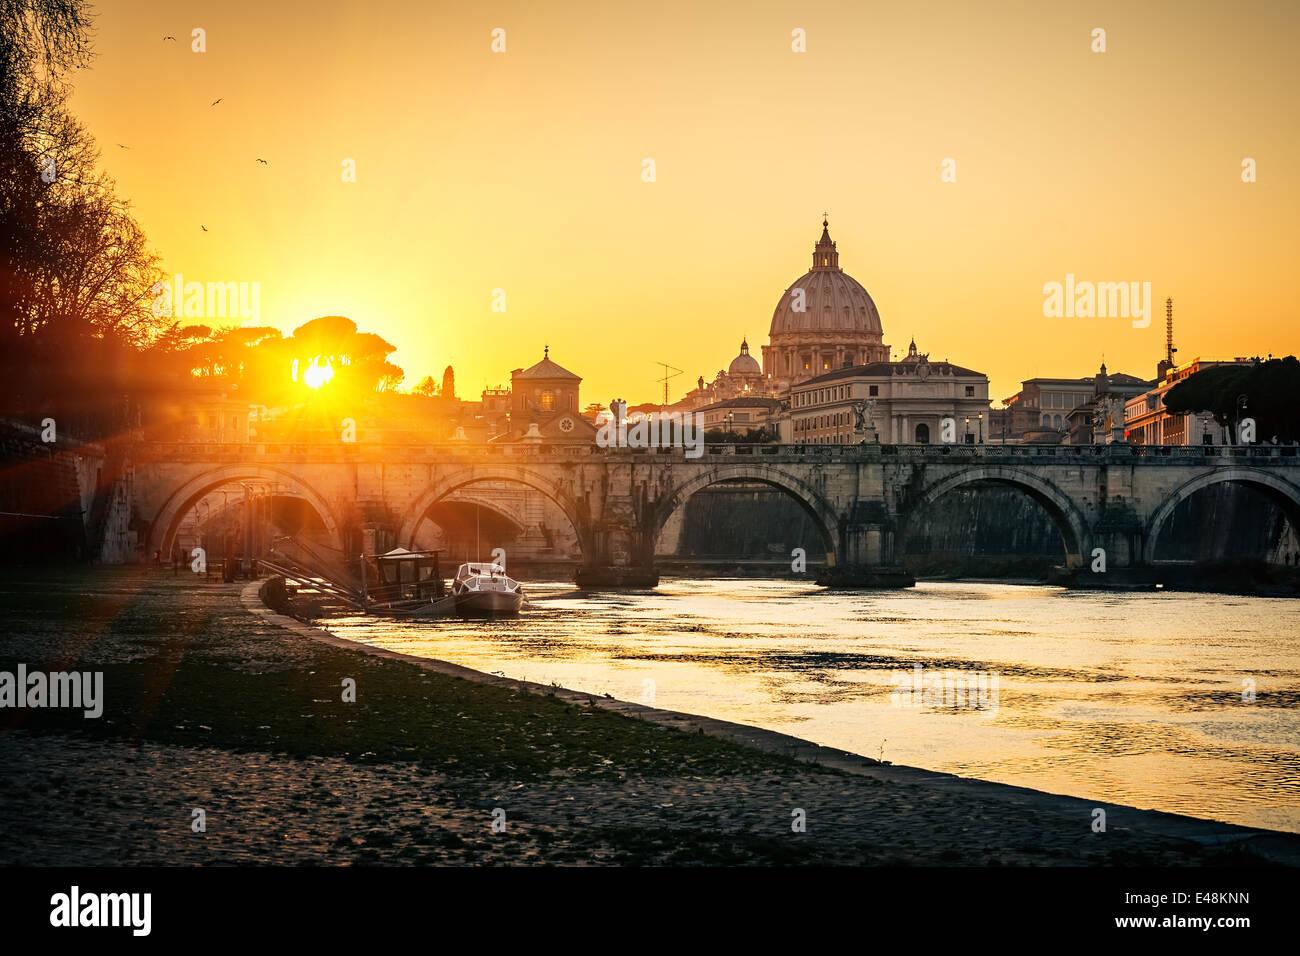 St.-Petri Dom bei Sonnenuntergang, Rom Stockbild